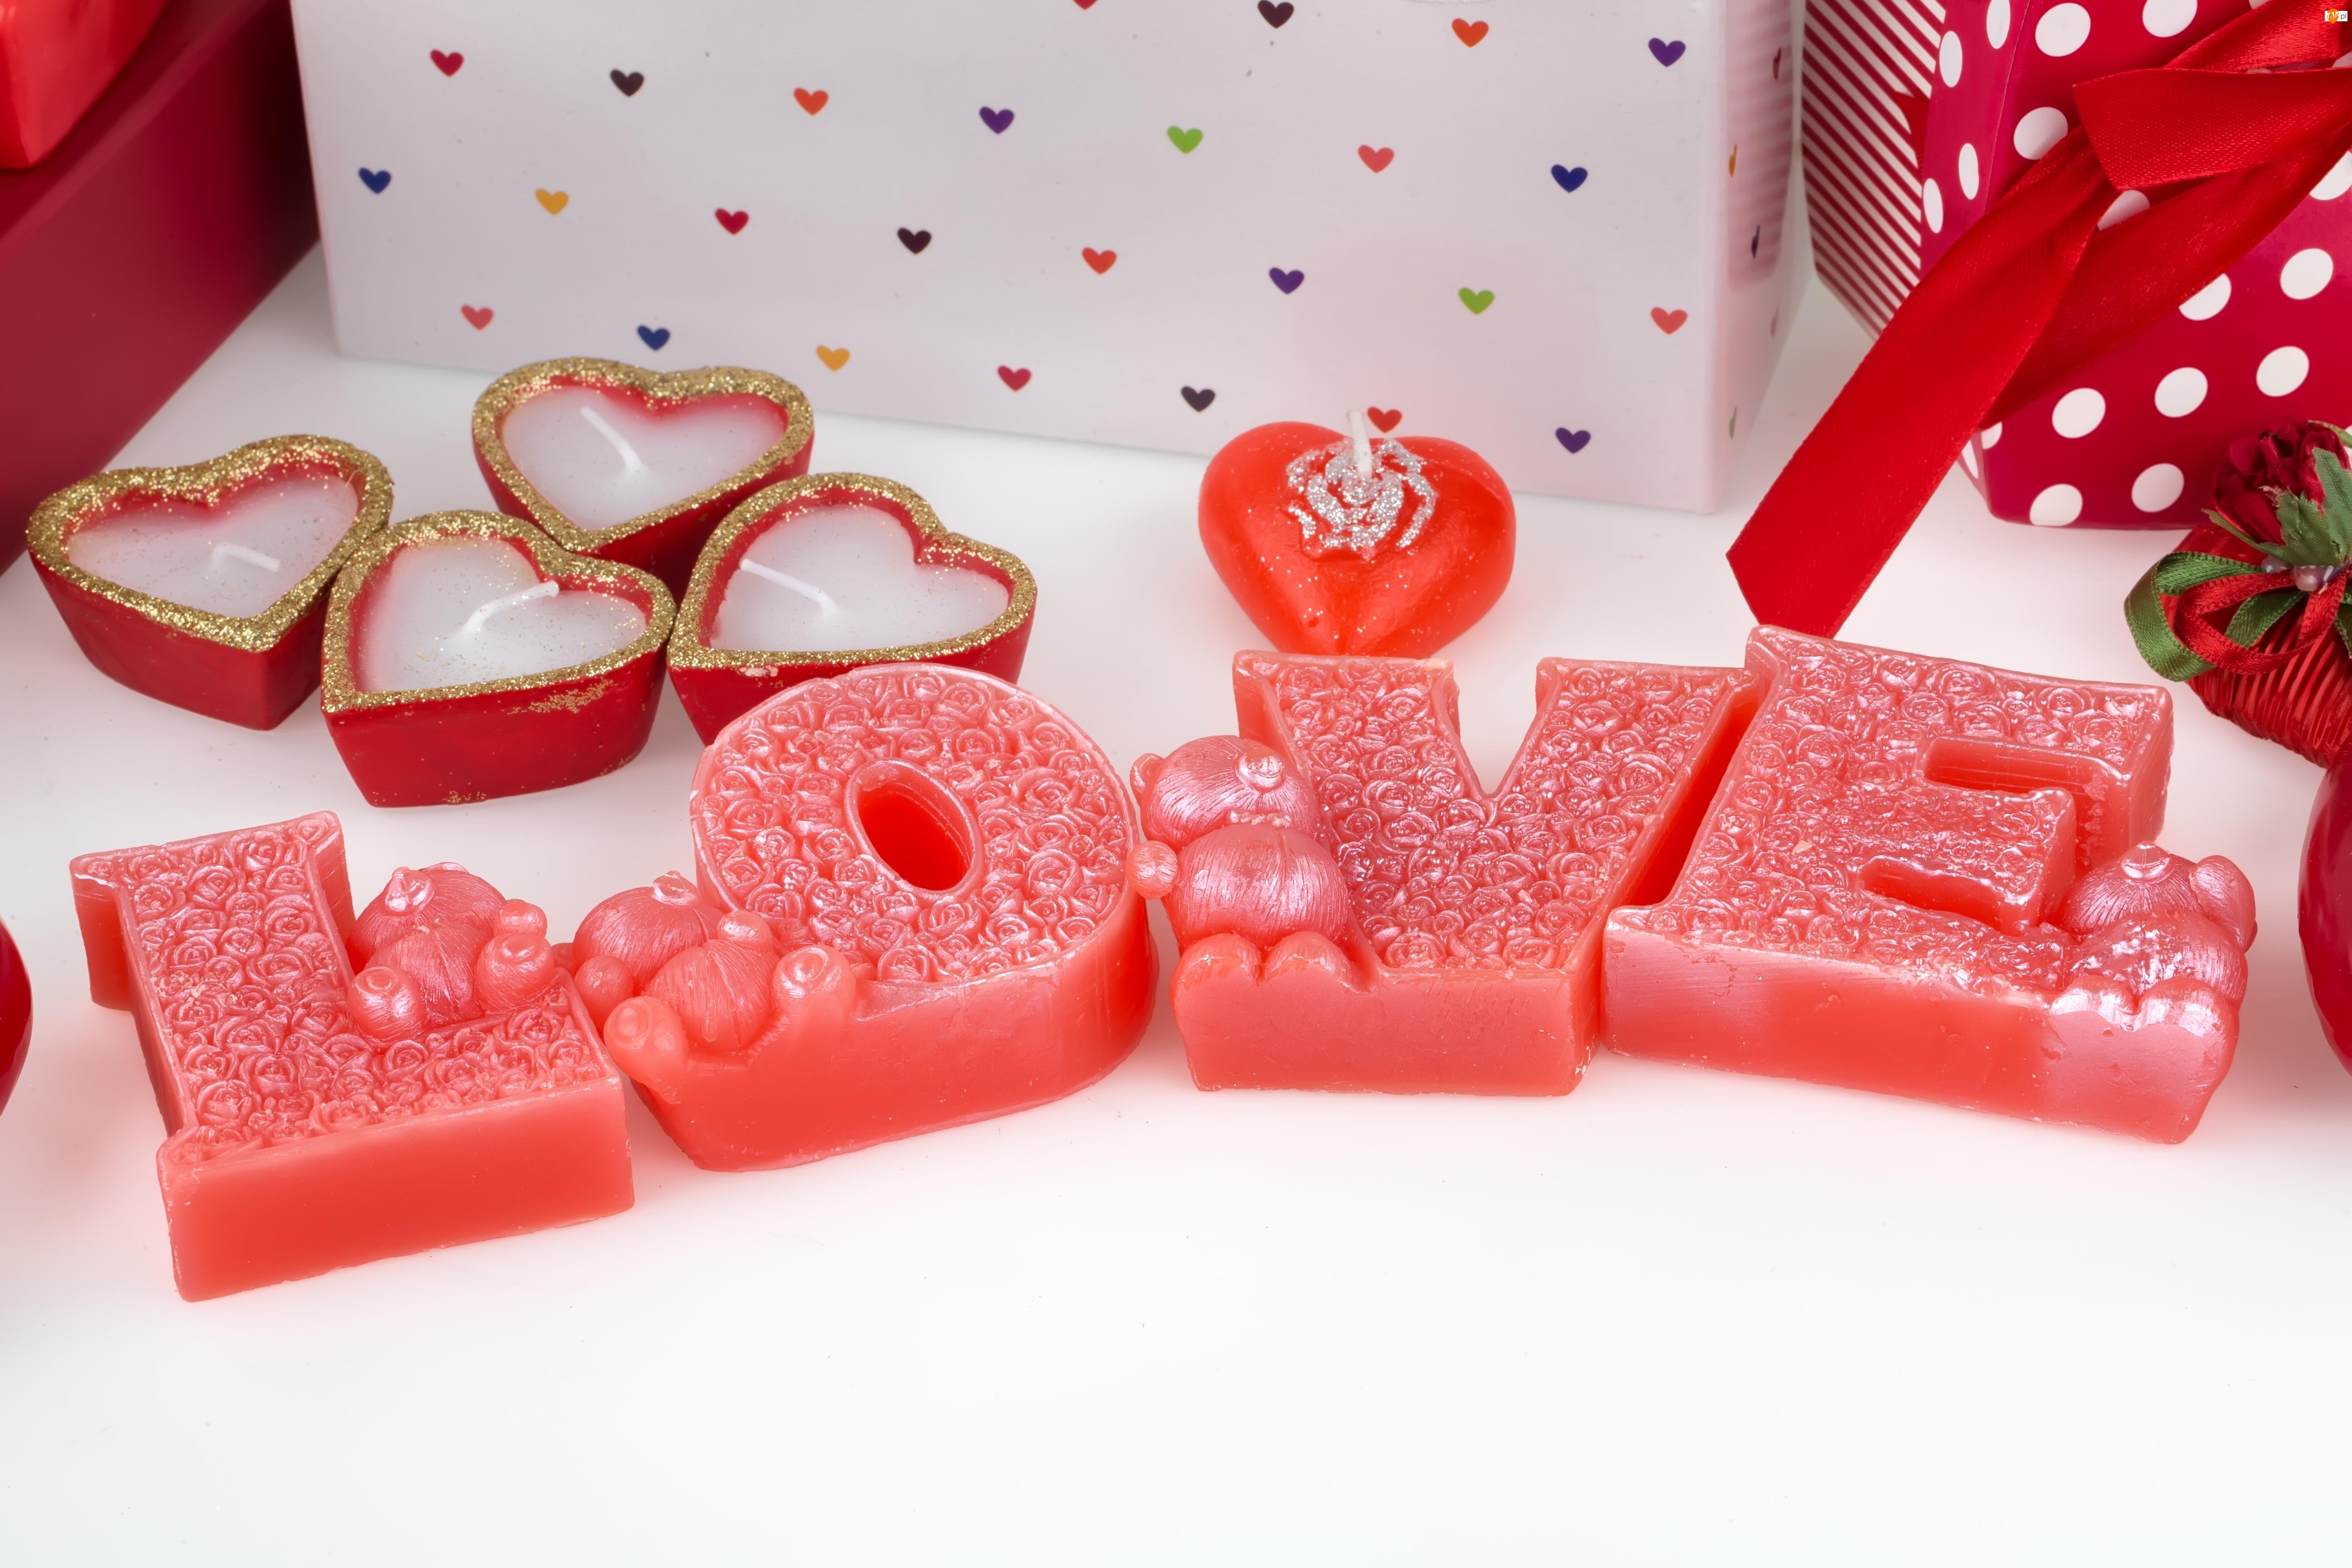 Ozdobne, Walentynki, Świece, Serca